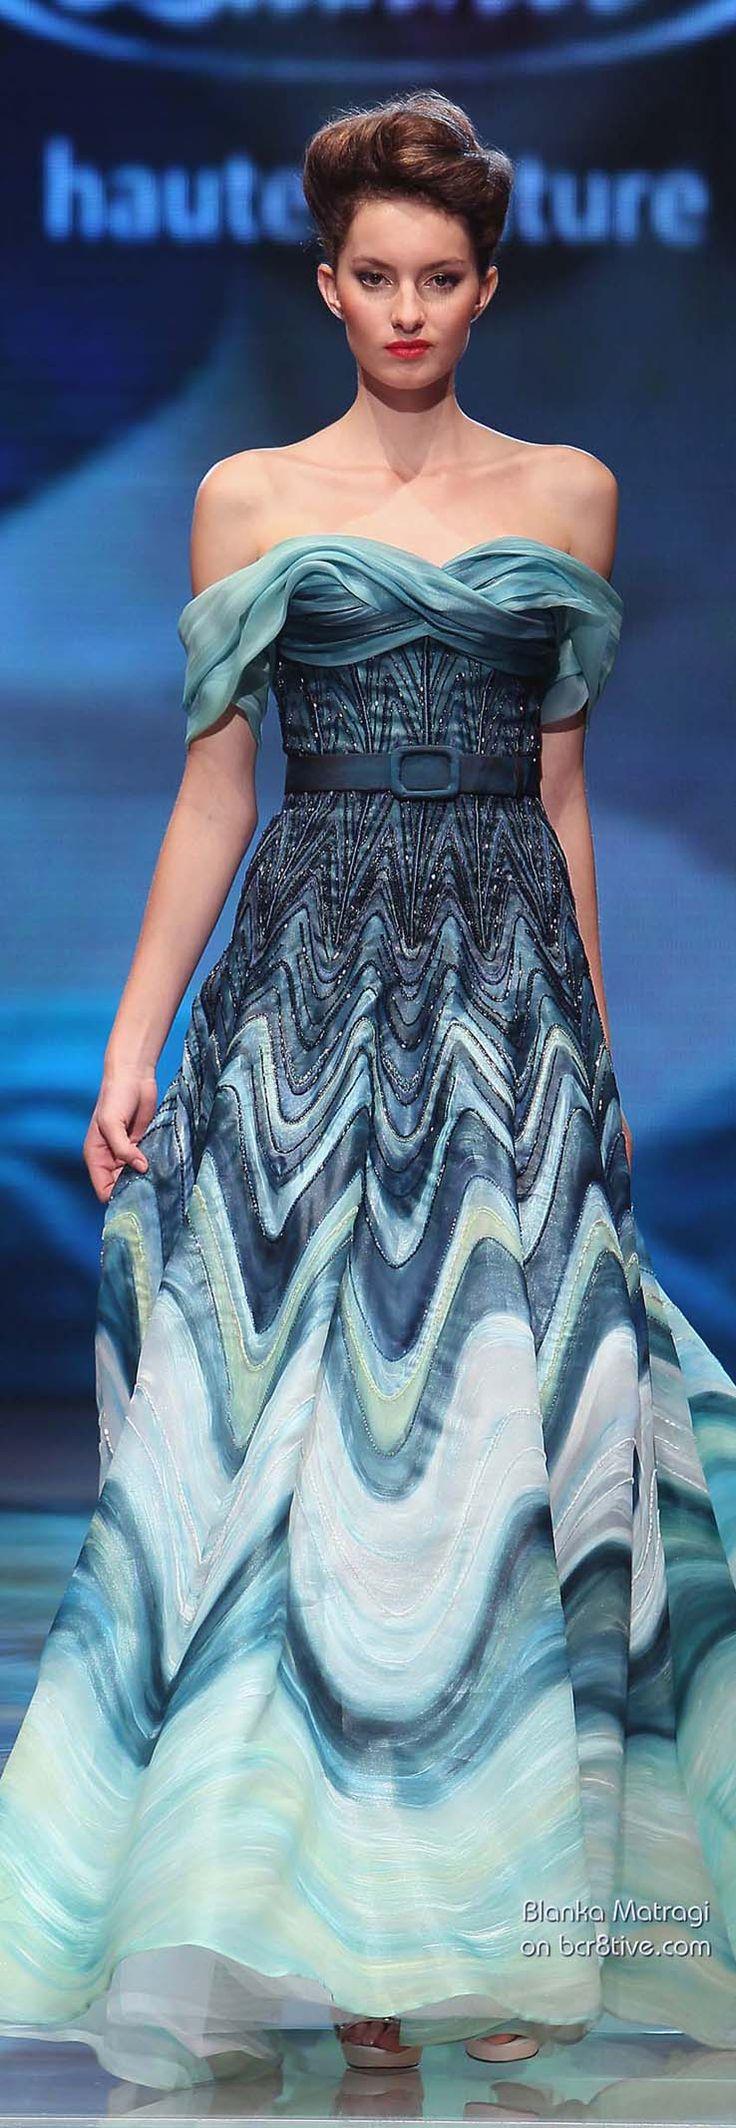 Blanka Matragi's 30th Anniversary Couture Runway Collection » het model van de jurk vind ik niets, maar die kleuren wel, het doet me denk aan 'de schreeuw' van Edward Munch, en het batikken van vroeger...